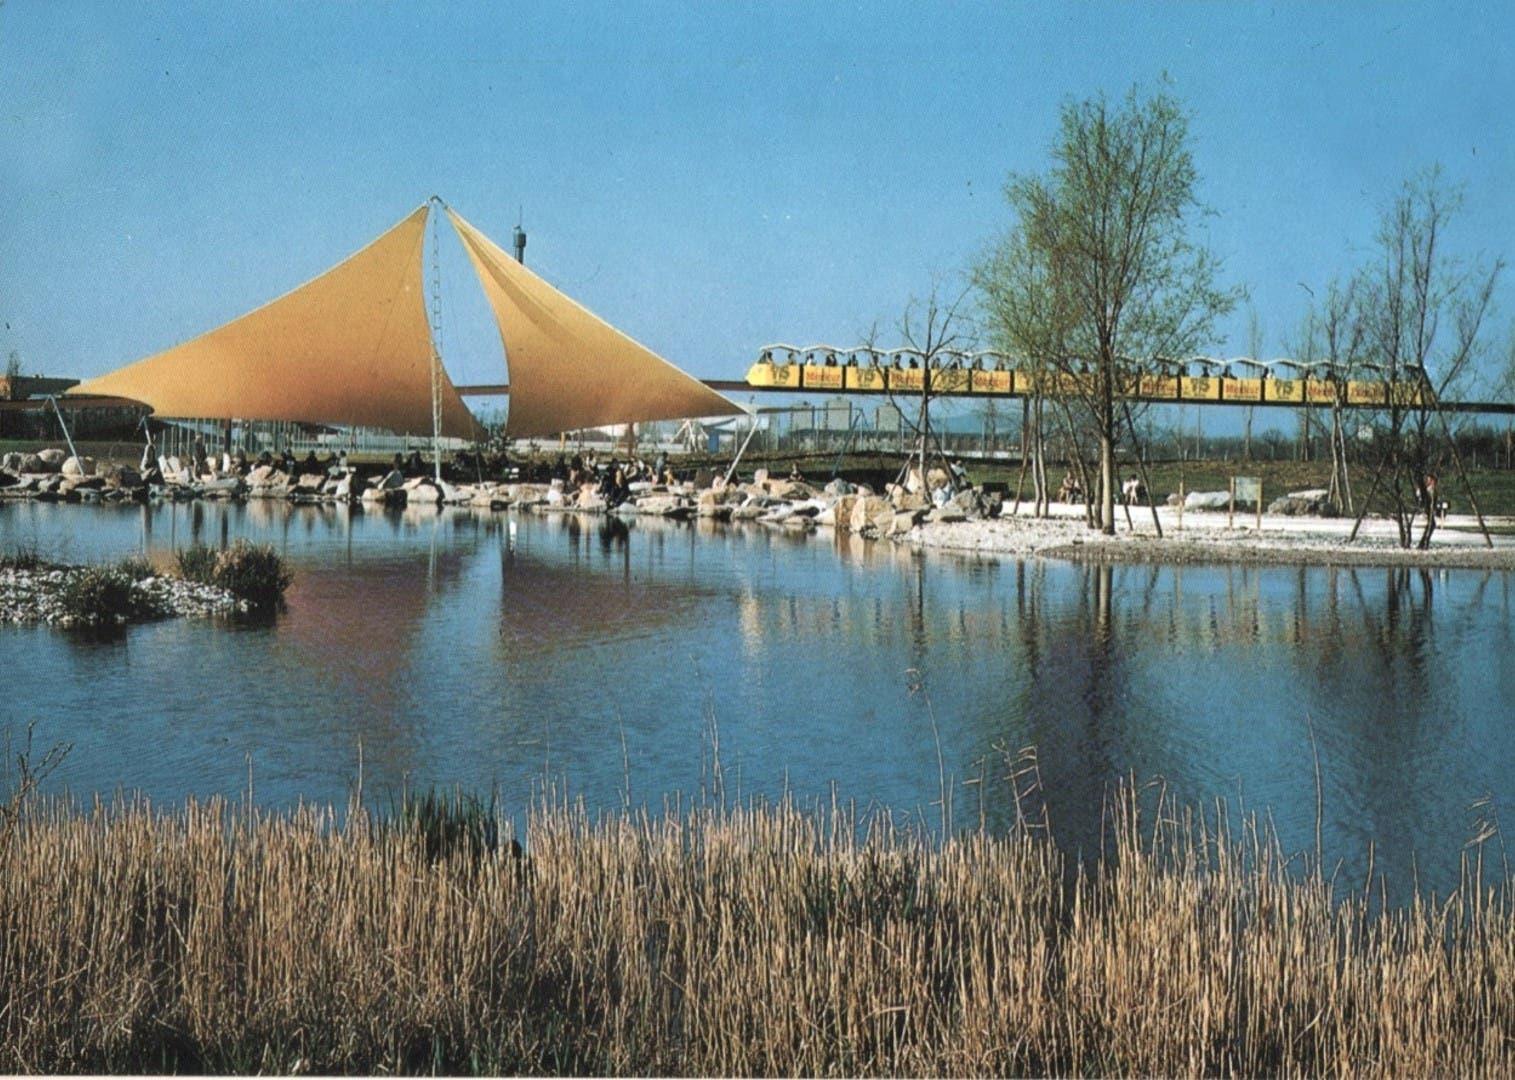 Wie aus einem James-Bond-Film: Am 12. Oktober 1980 endete die Grün-80. Von der Ausstellung blieb vieles erhalten – nicht jedoch die Monorail, die das Gelände umrundete.